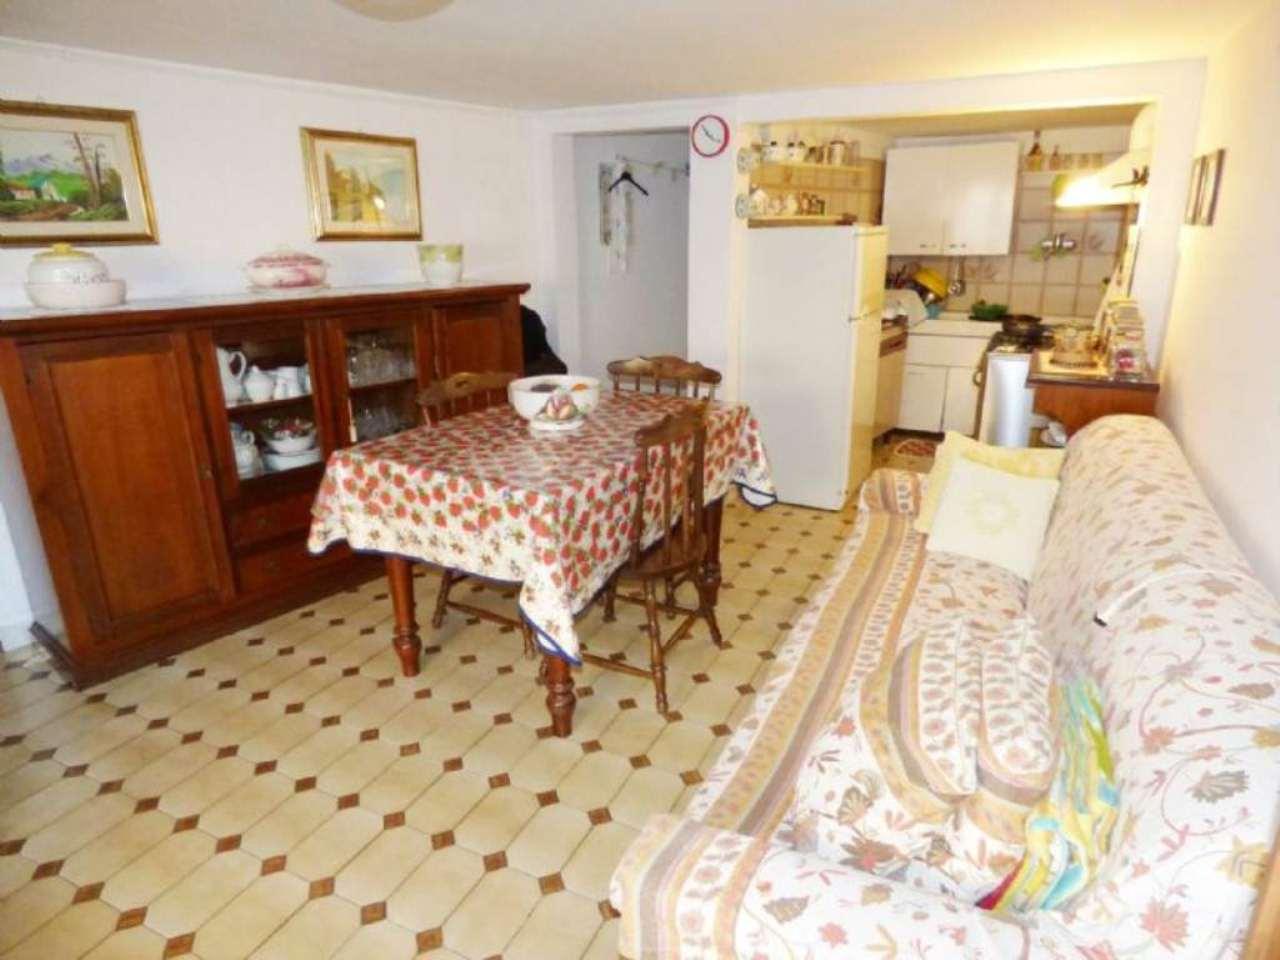 Soluzione Indipendente in vendita a Lumarzo, 6 locali, prezzo € 95.000 | Cambio Casa.it